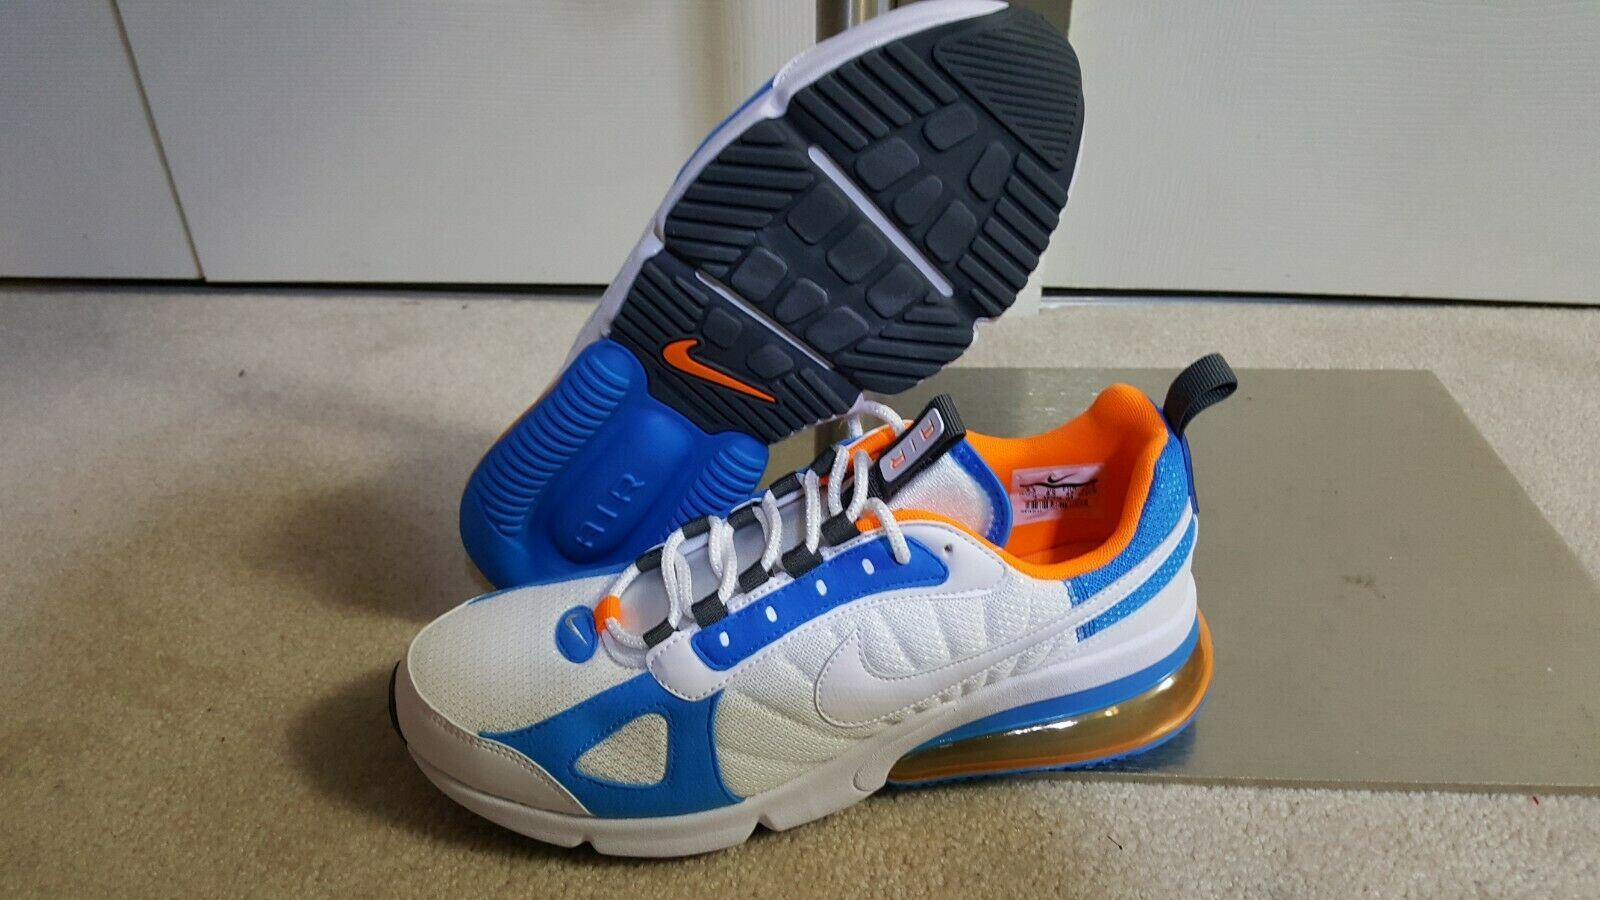 28e83ad6a671 ... New Men NIKE AIR MAX 270 FUTURA FUTURA FUTURA low top running sneakers  Size 9.5 712ff6